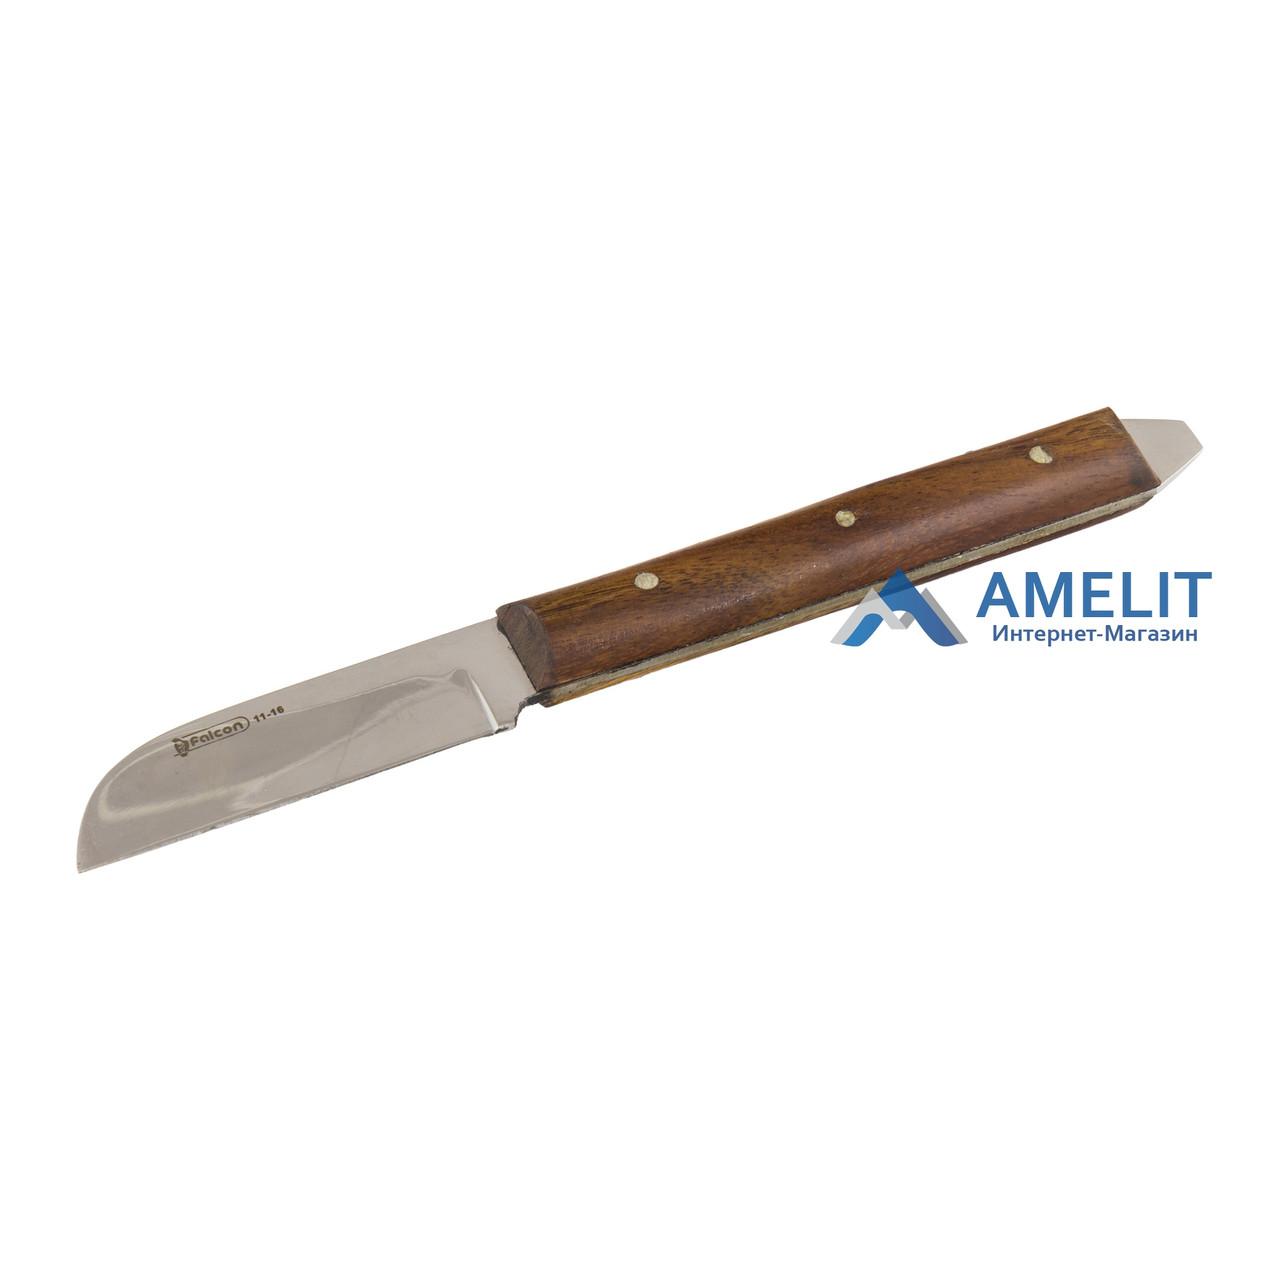 Нож для гипса DL.335.170 (Falcon), 170мм